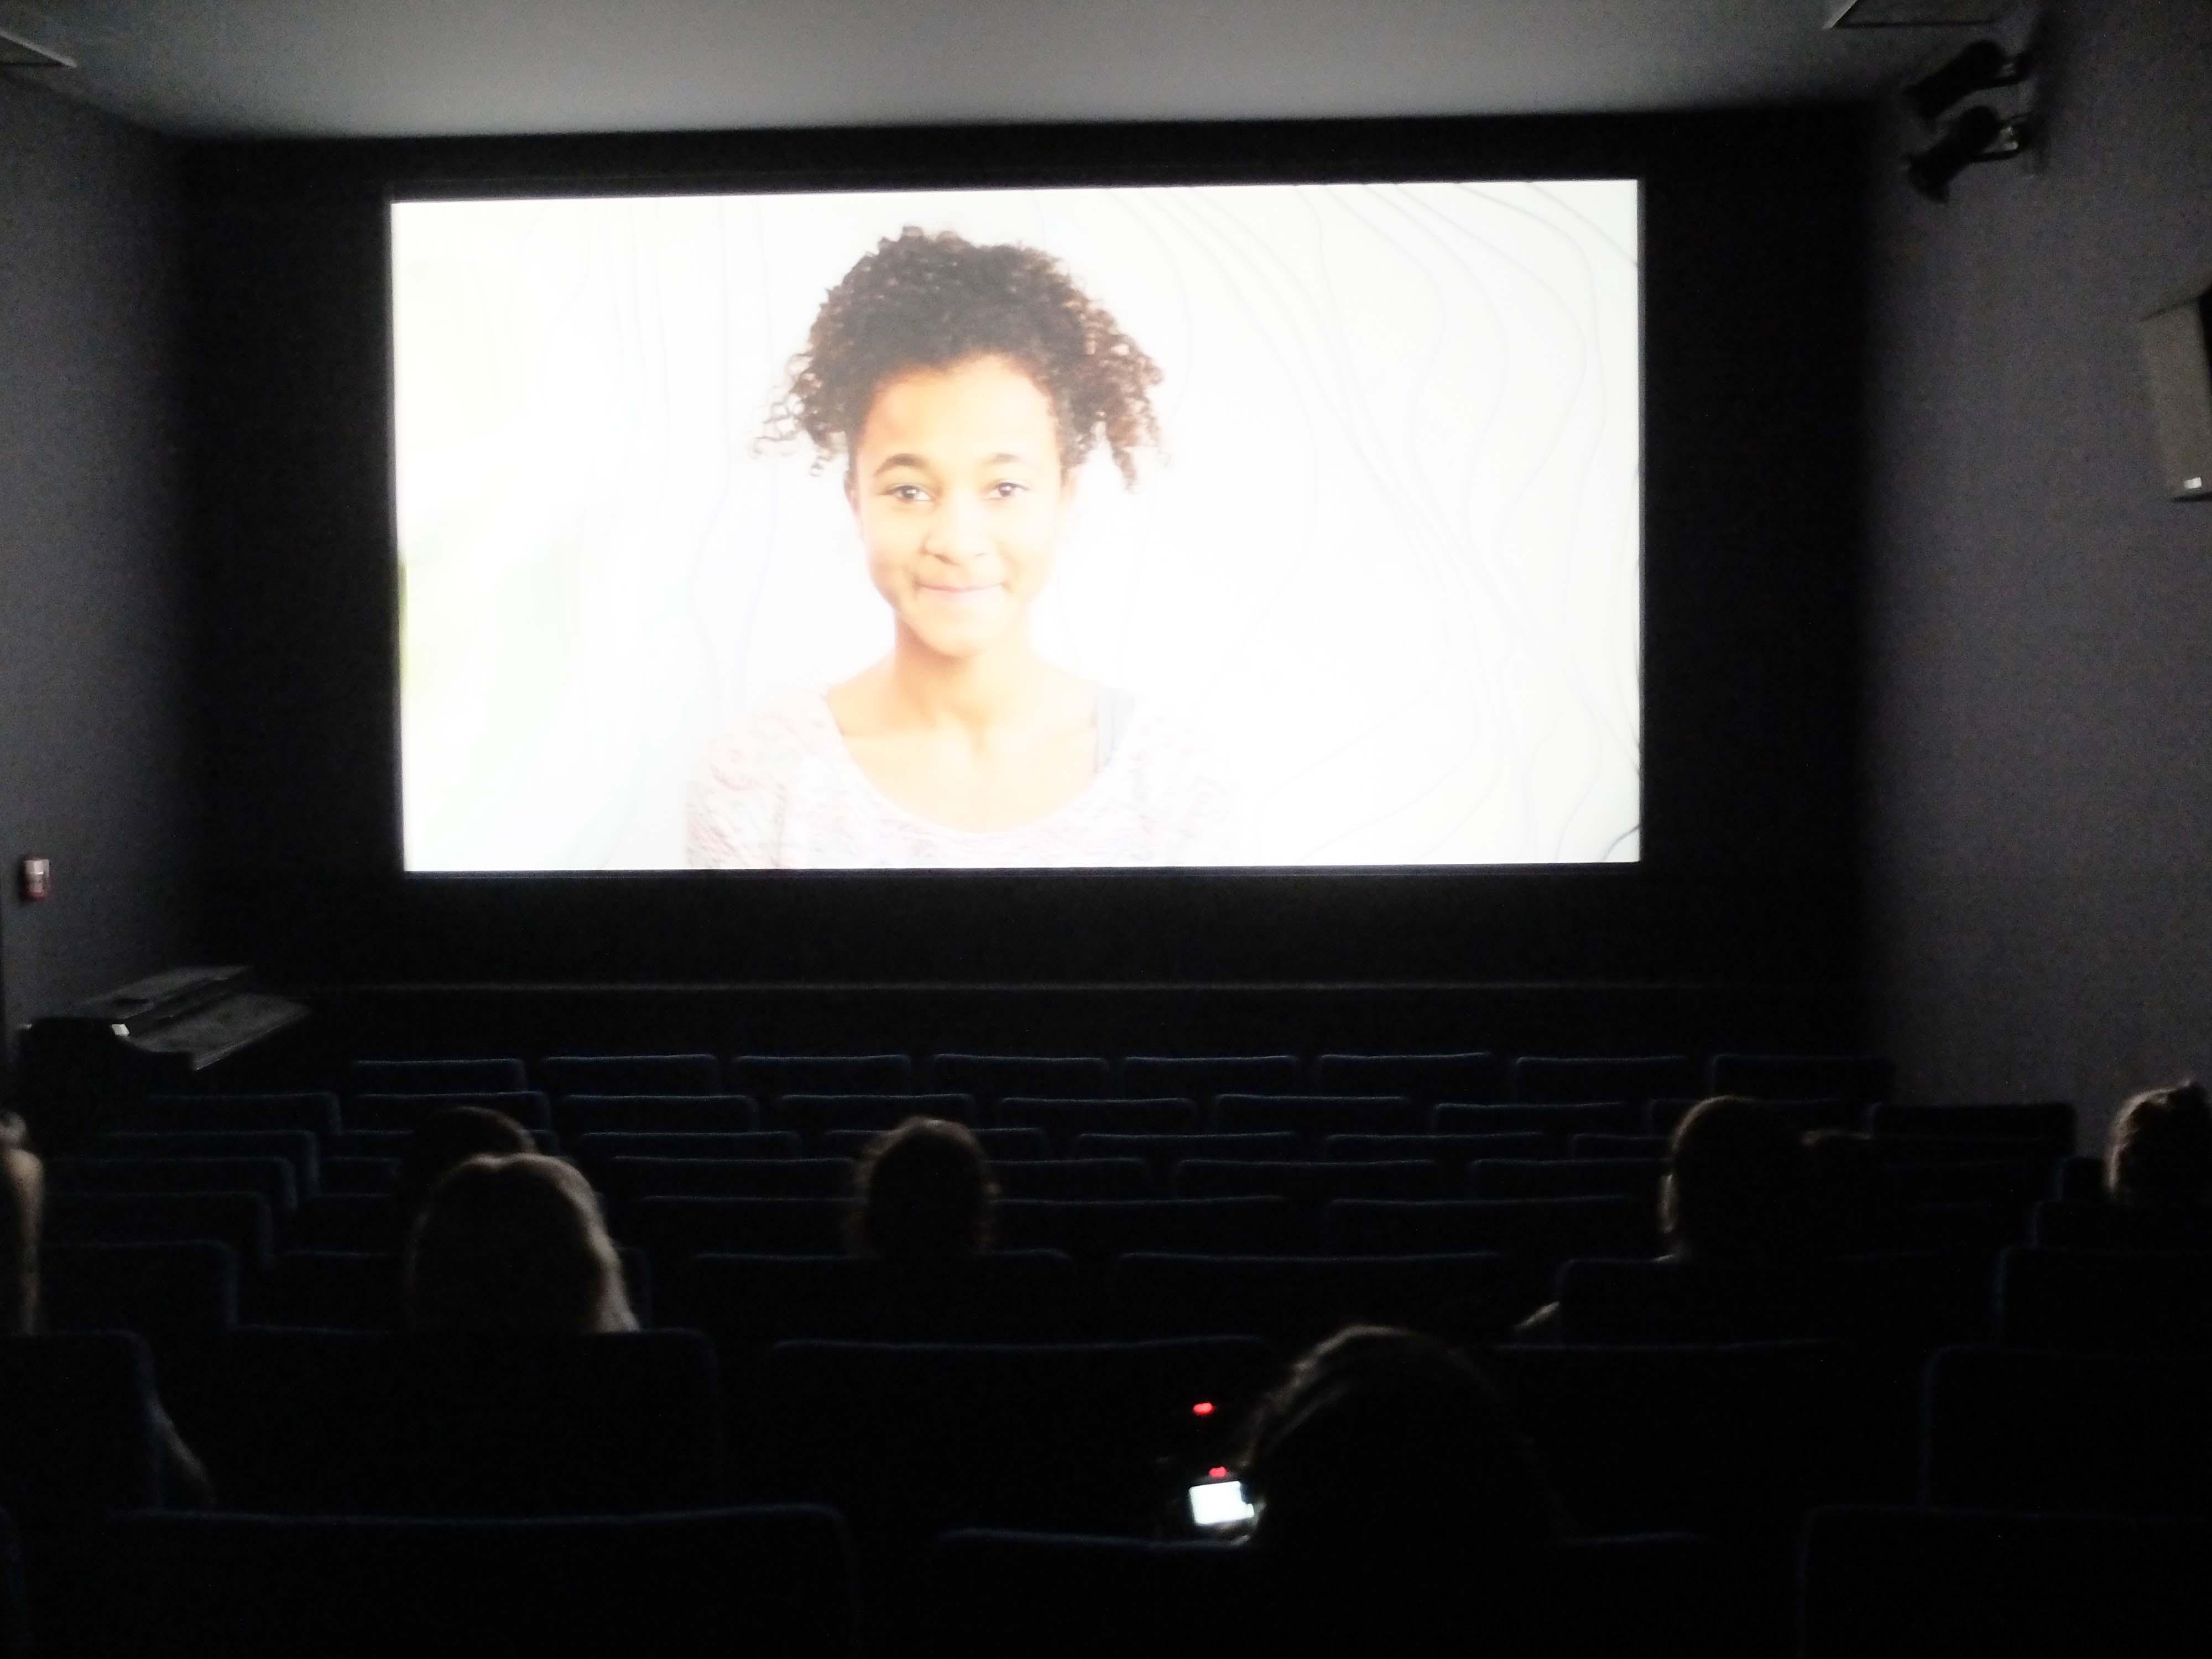 #ichbinsoplastikfrei - Sportpräsentation im Linzer Kino Moviemento